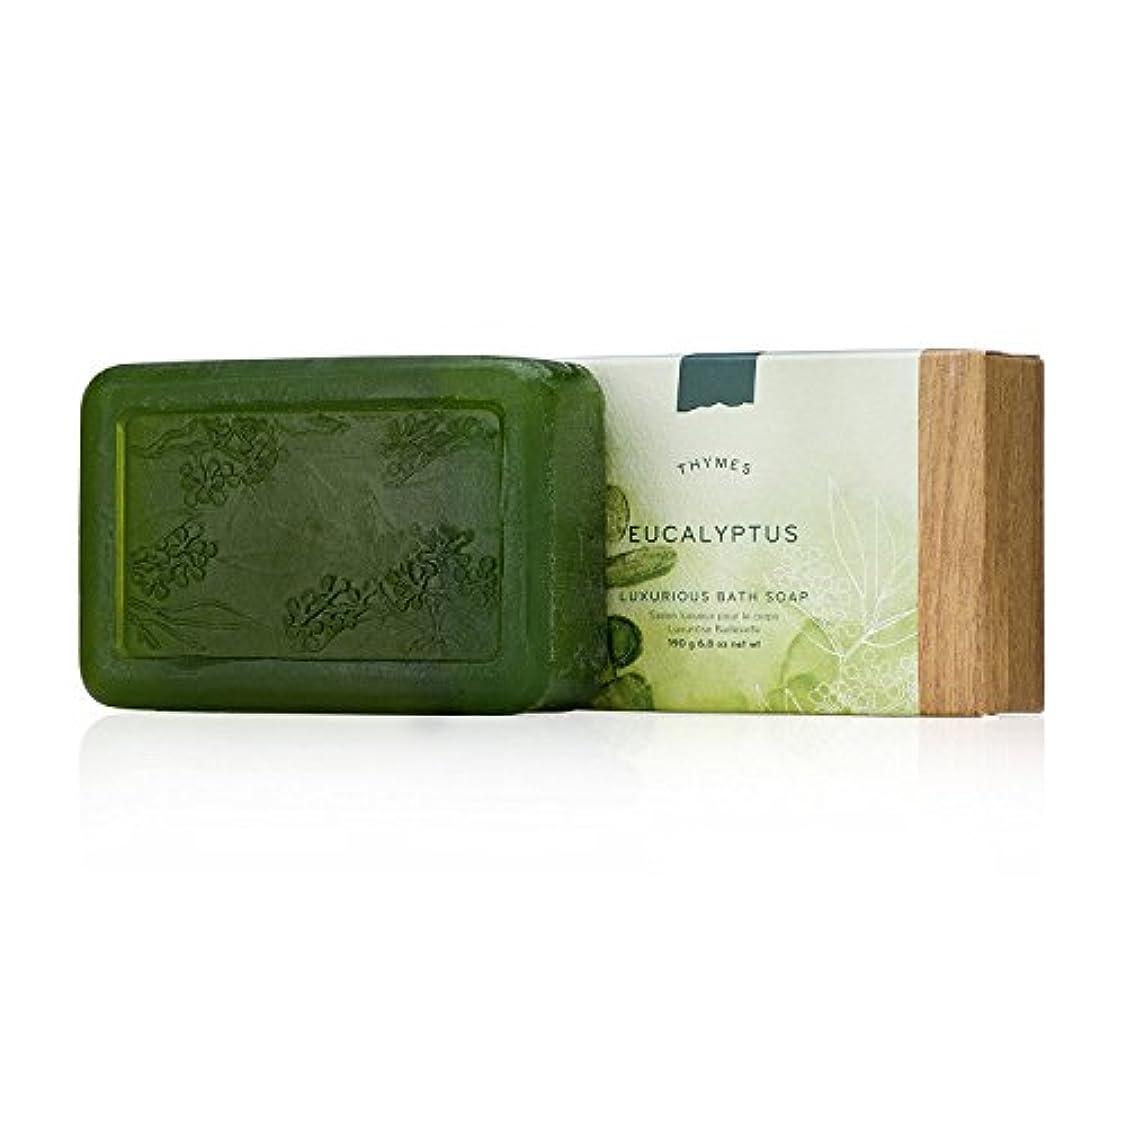 収穫ピーブ差し控えるタイムズ Eucalyptus Luxurious Bath Soap 190g/6.8oz